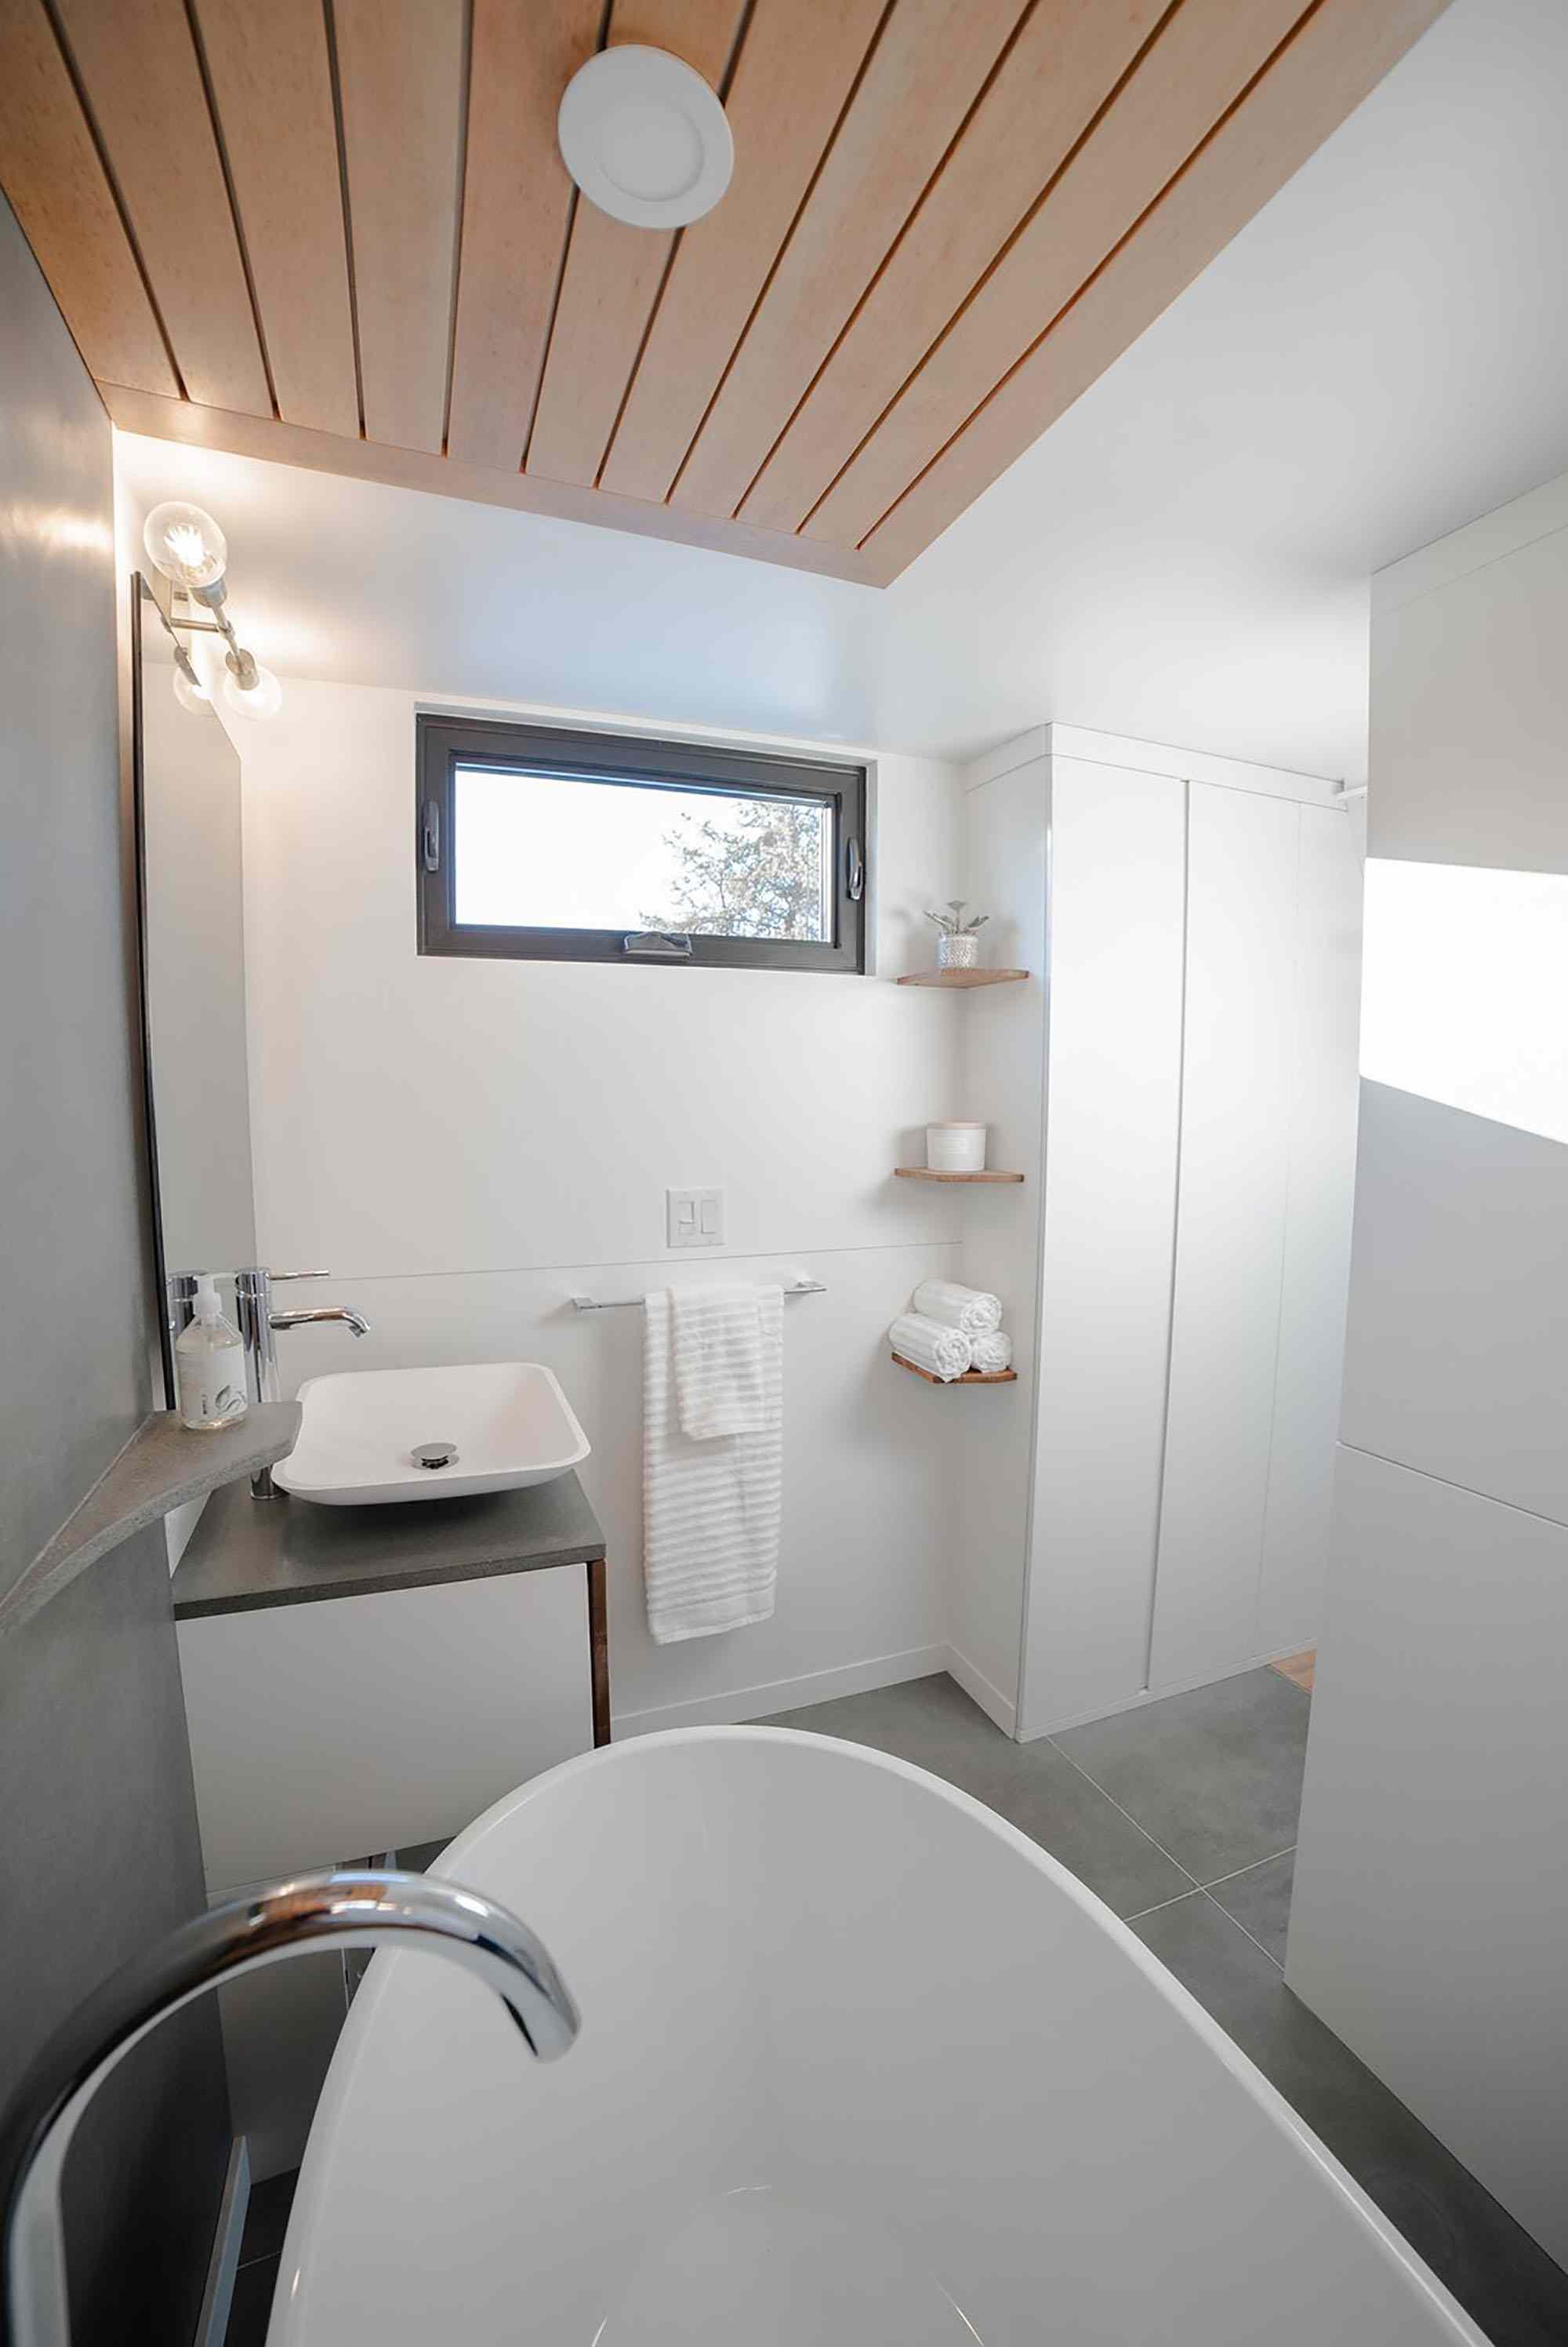 Fritz Tiny Homes bathroom